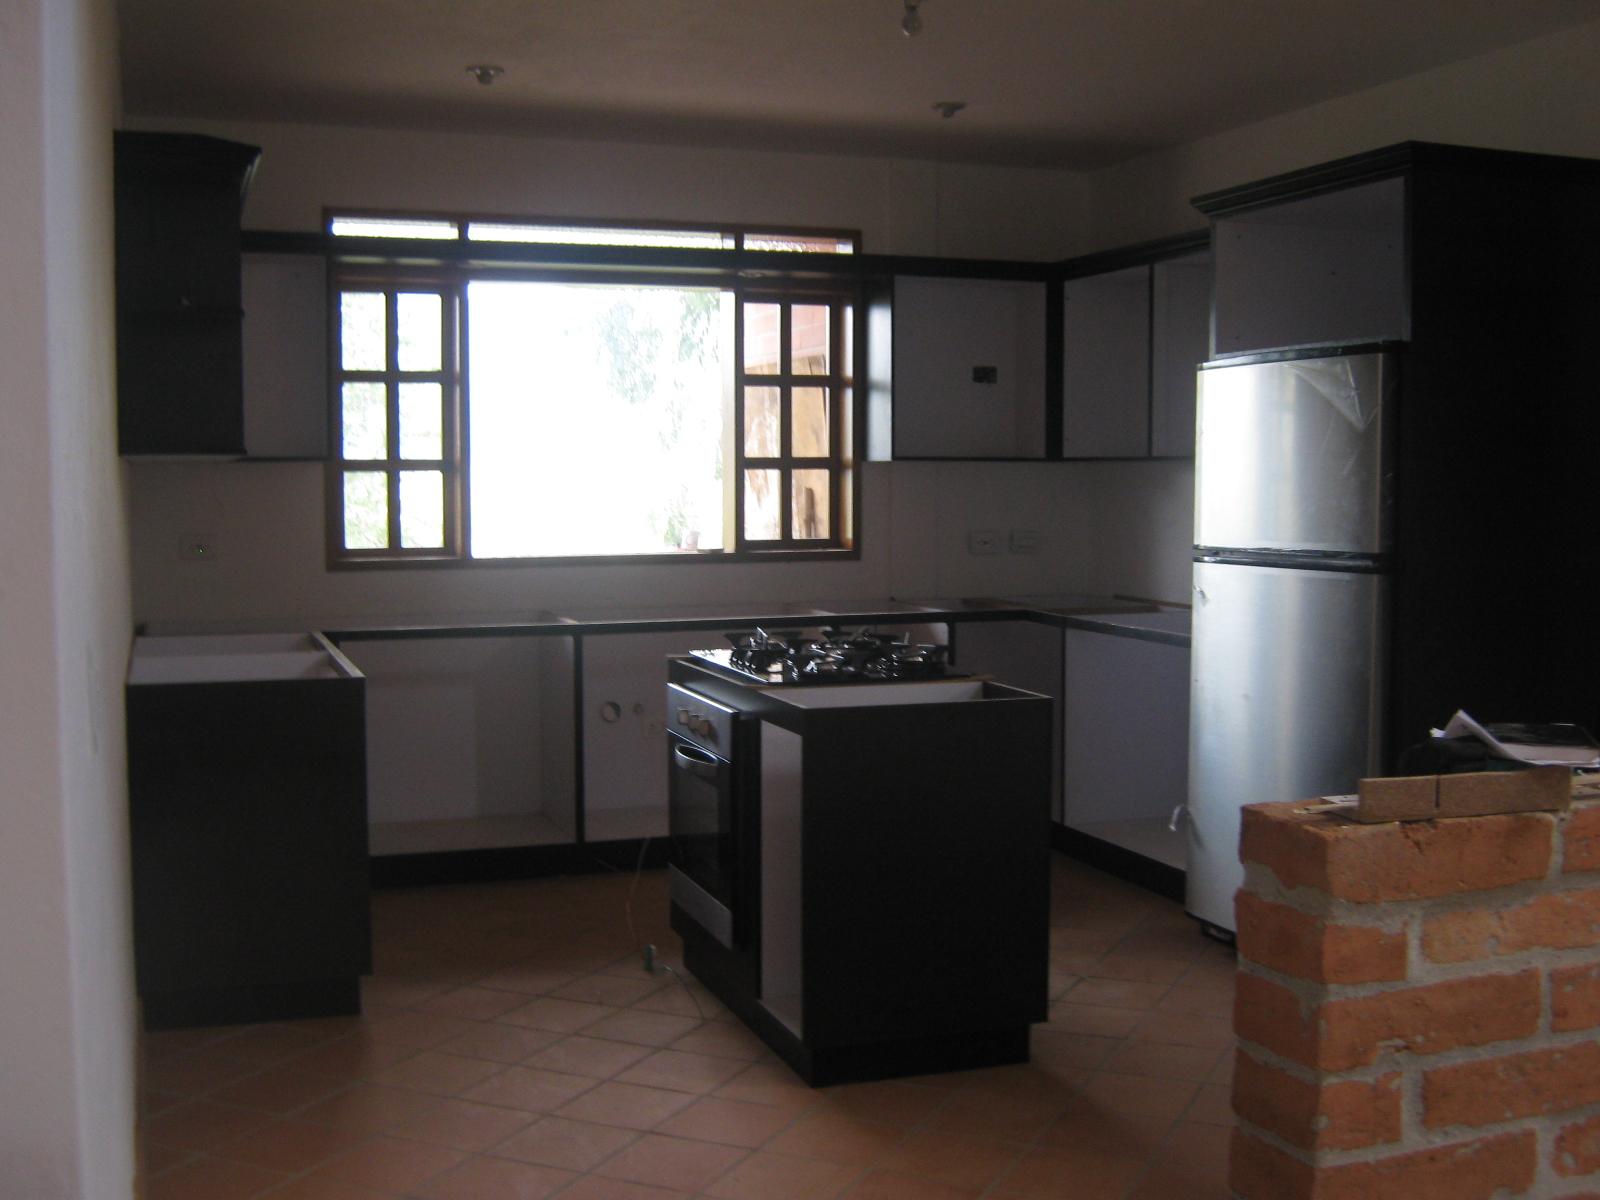 Puertas y cocinas medellin proyecto cocina integral for Puertas cocina integral